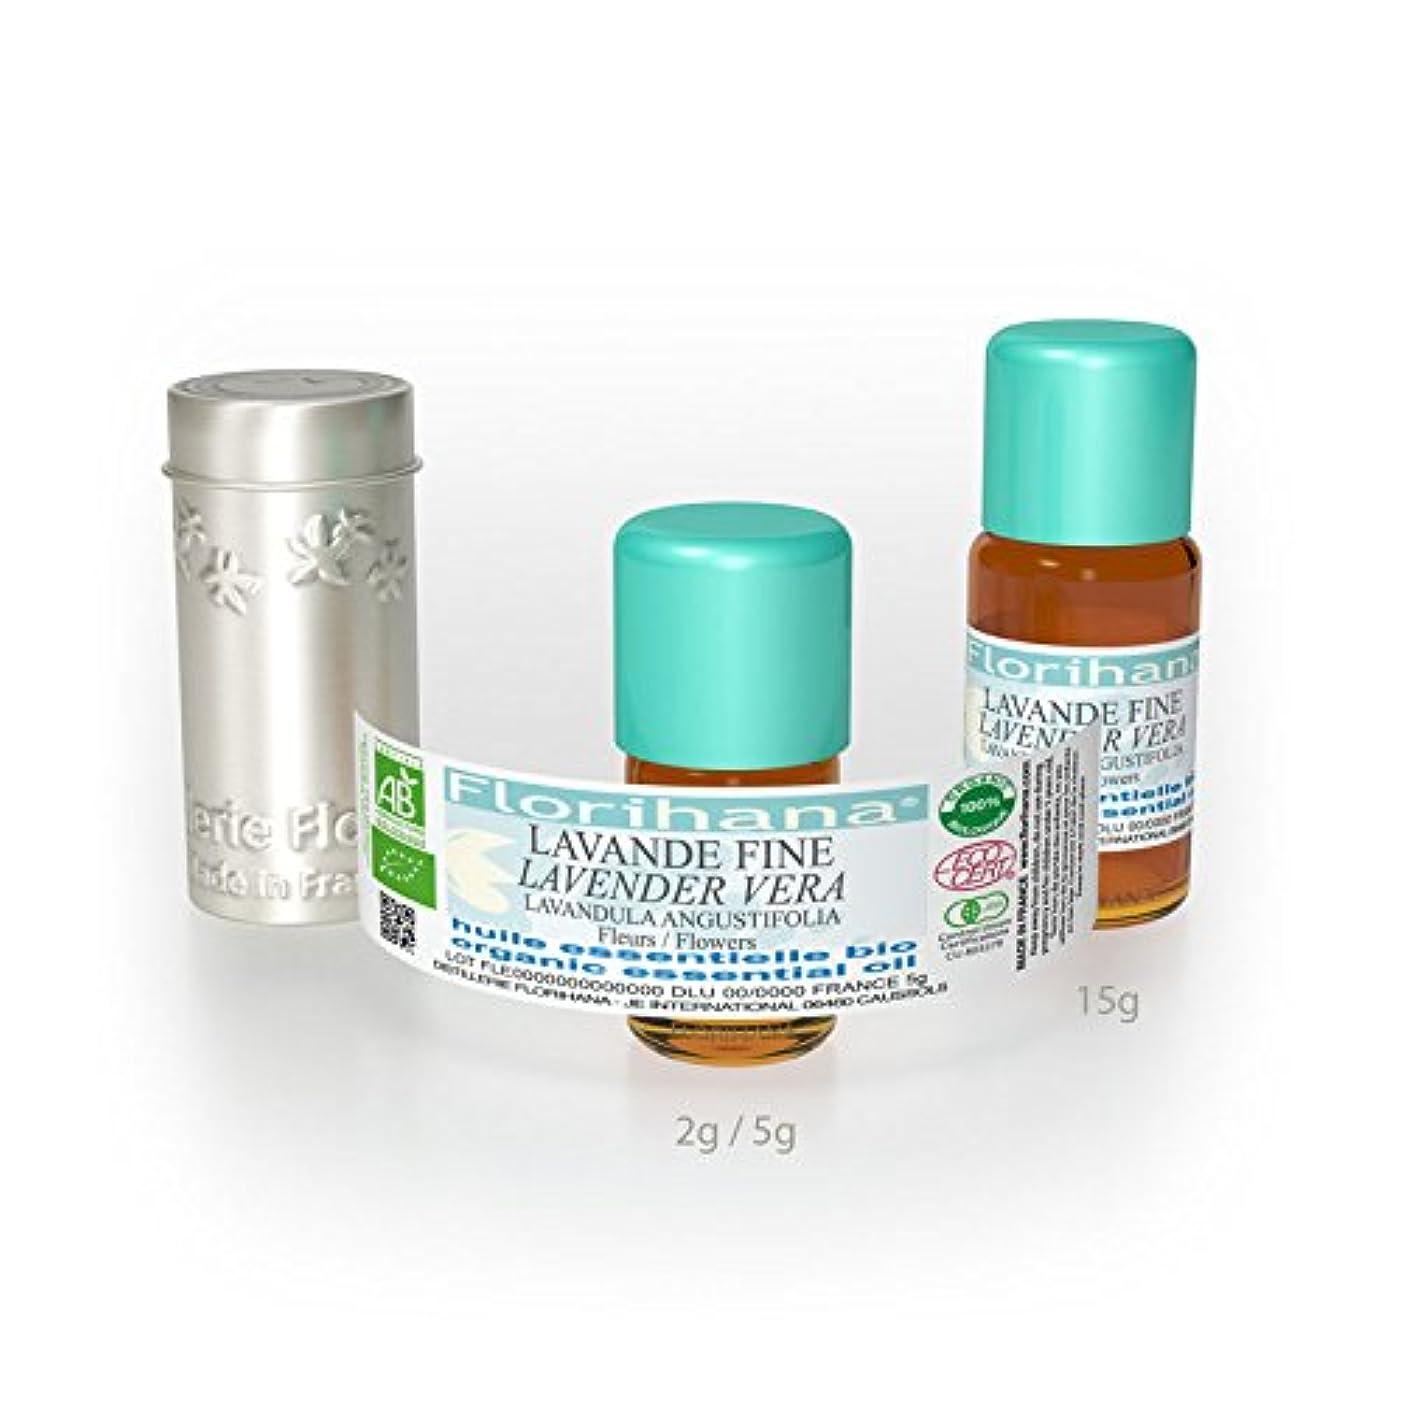 歯痛ぺディカブ取り除くFlorihana オーガニックエッセンシャルオイル ラベンダーベラ 5g(5.7ml)